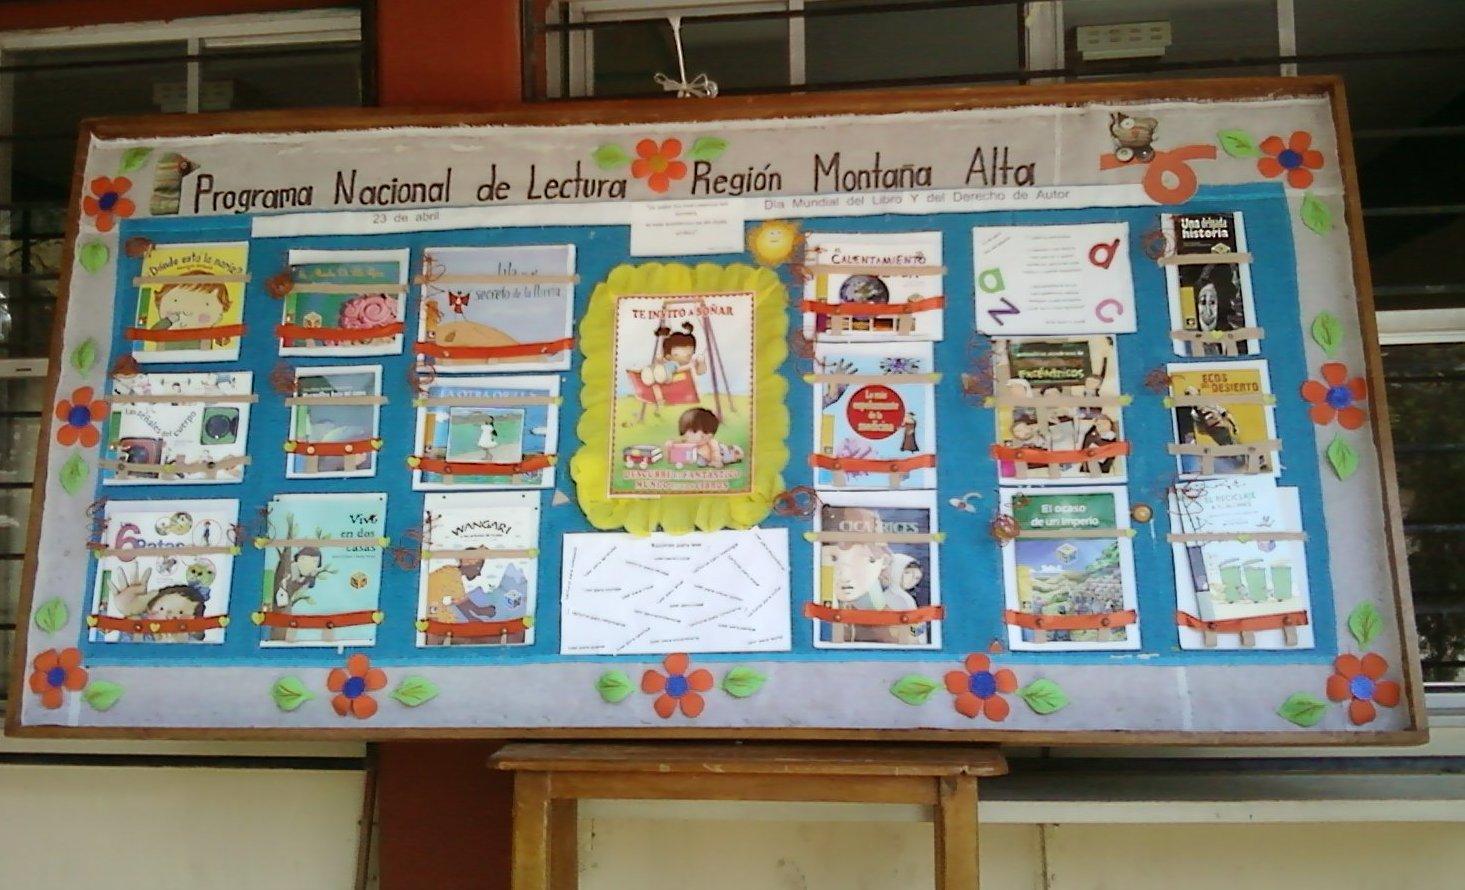 Programa nacional de lectura regi n monta a alta de for Avisos de ocasion el mural